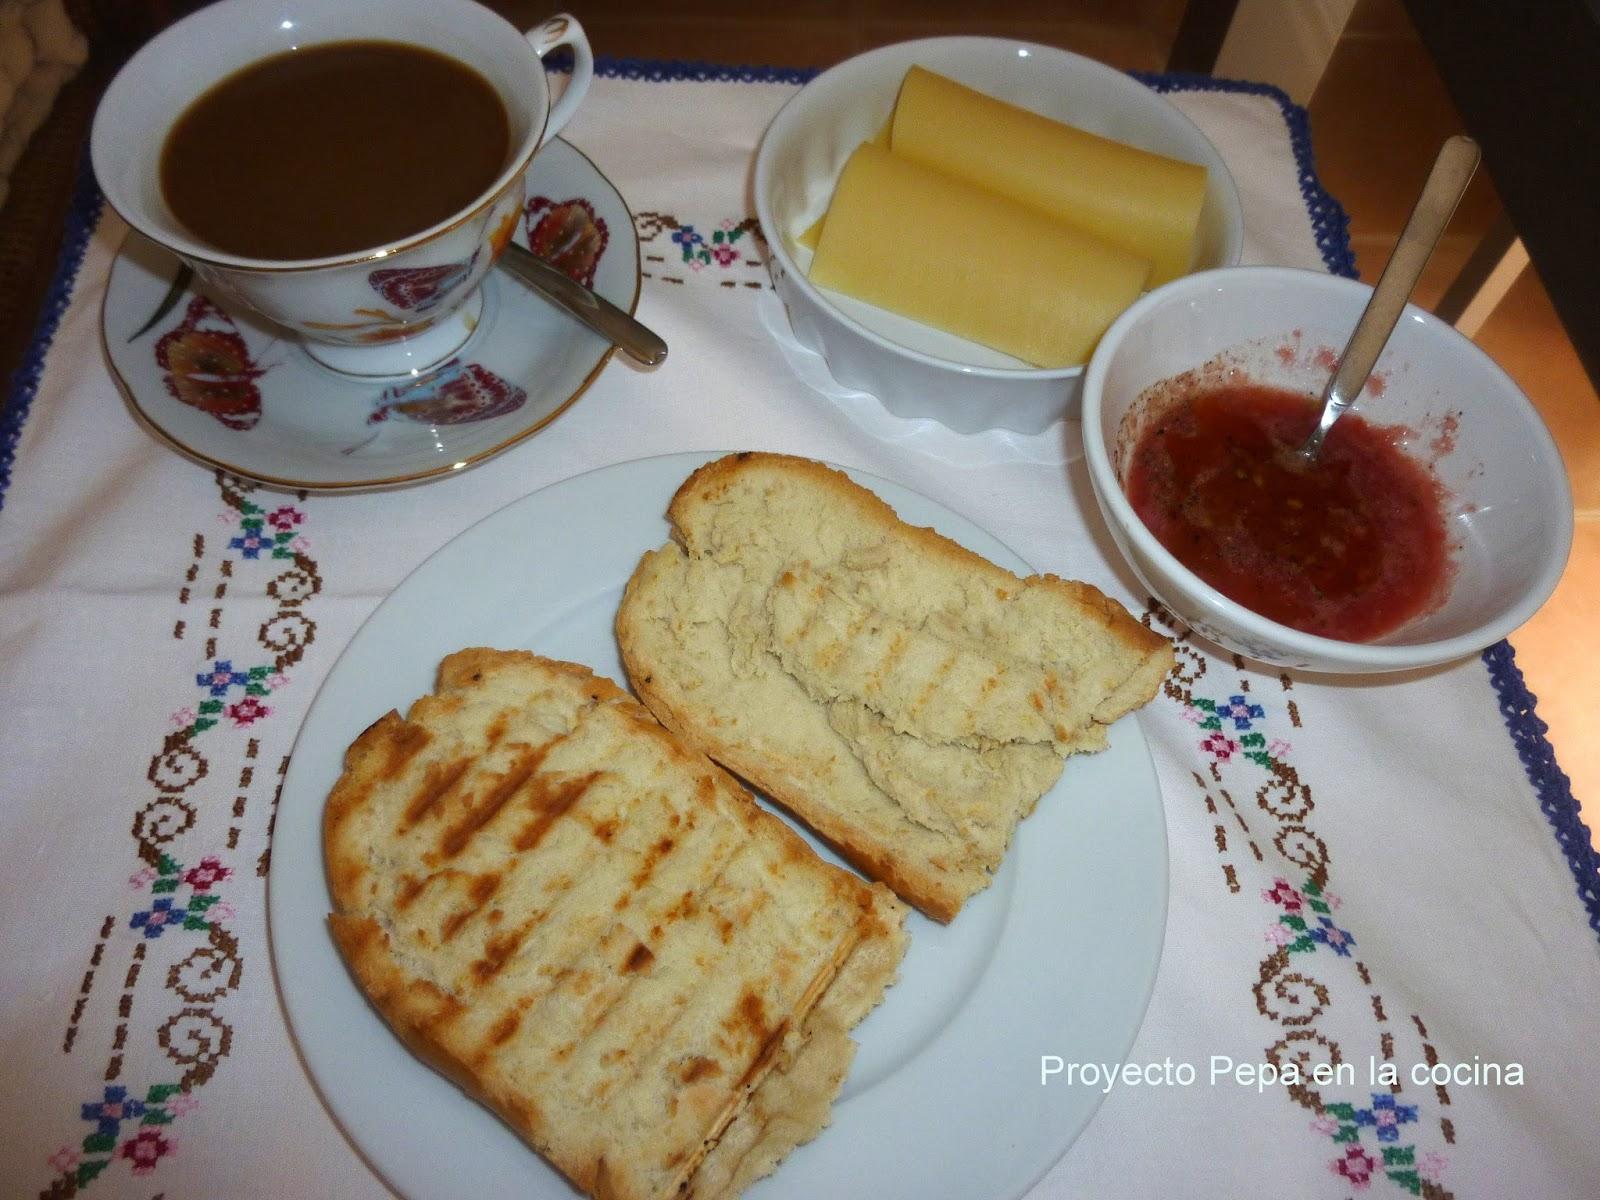 Proyecto pepa en la cocina el desayuno perfecto - Desayunos en casa ...